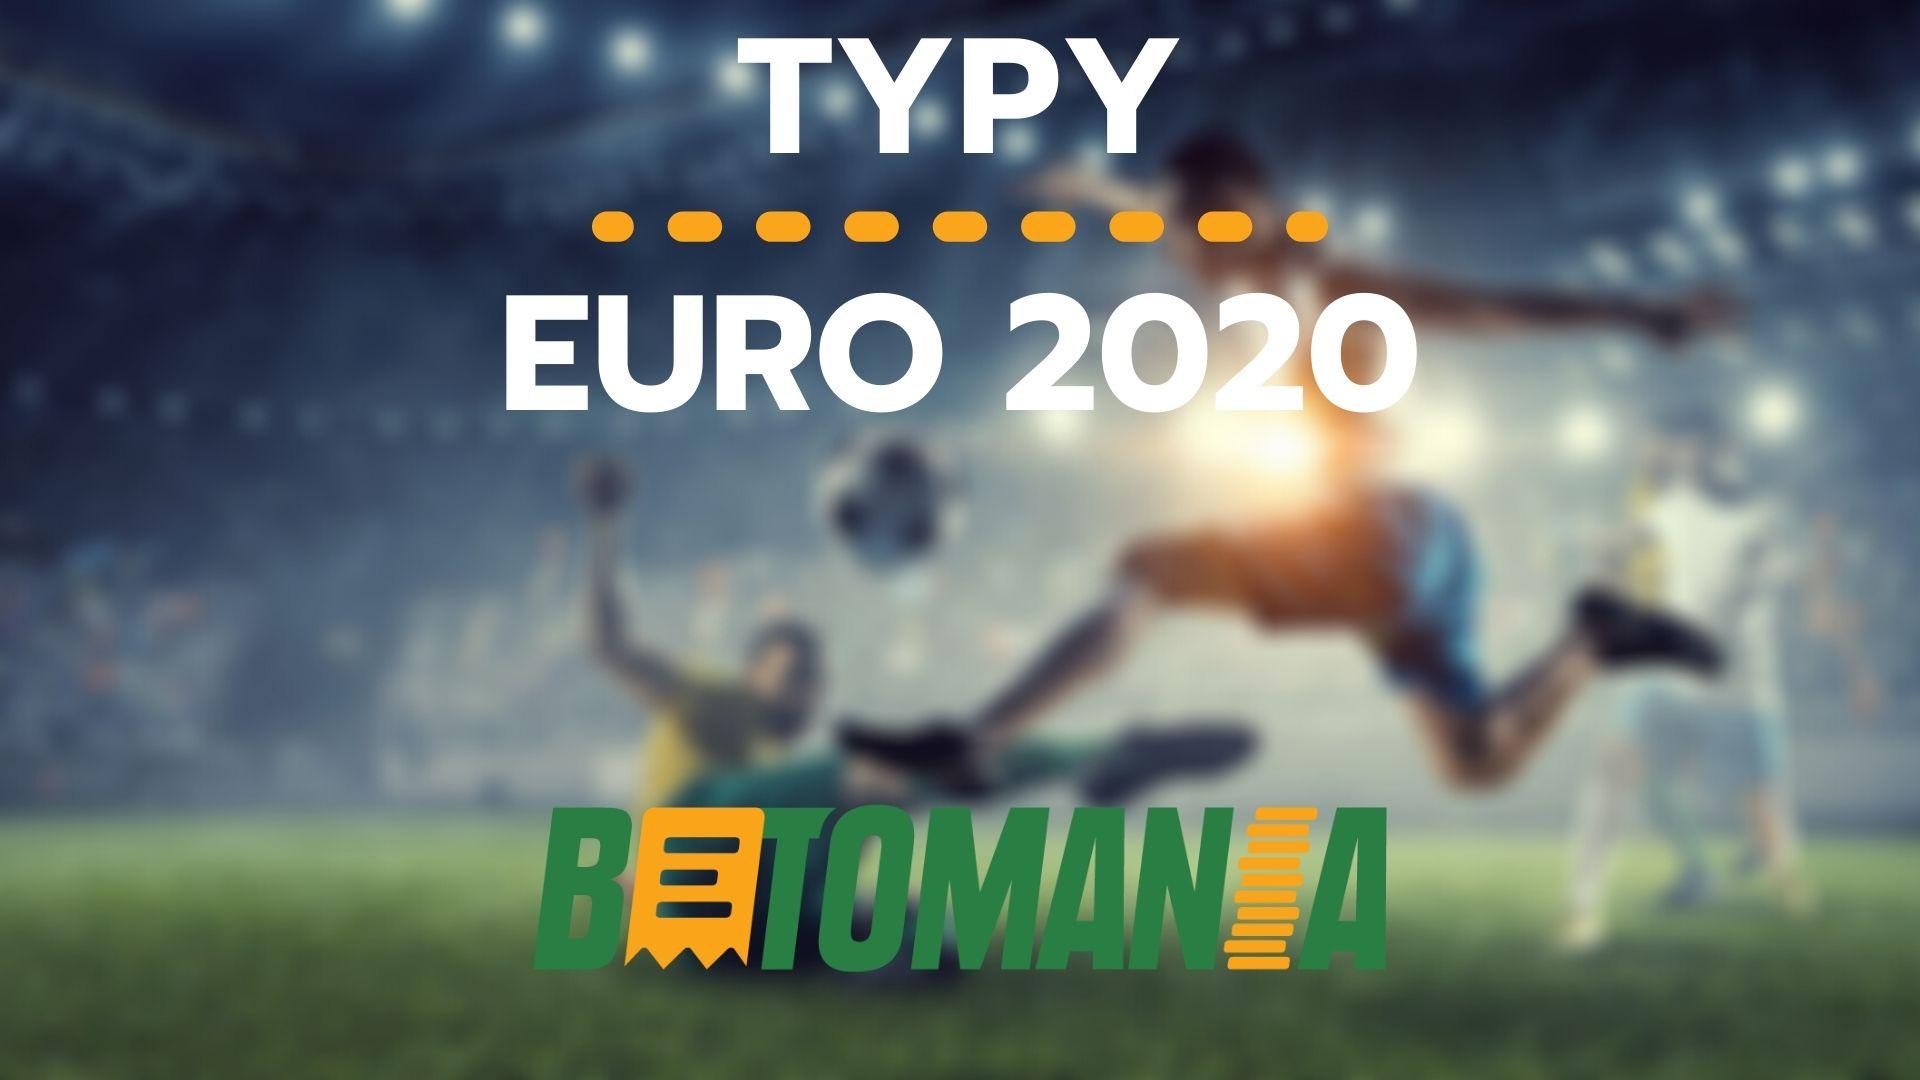 Typy na EURO 2020 – obstawianie mistrzostwa Europy w piłce nożnej